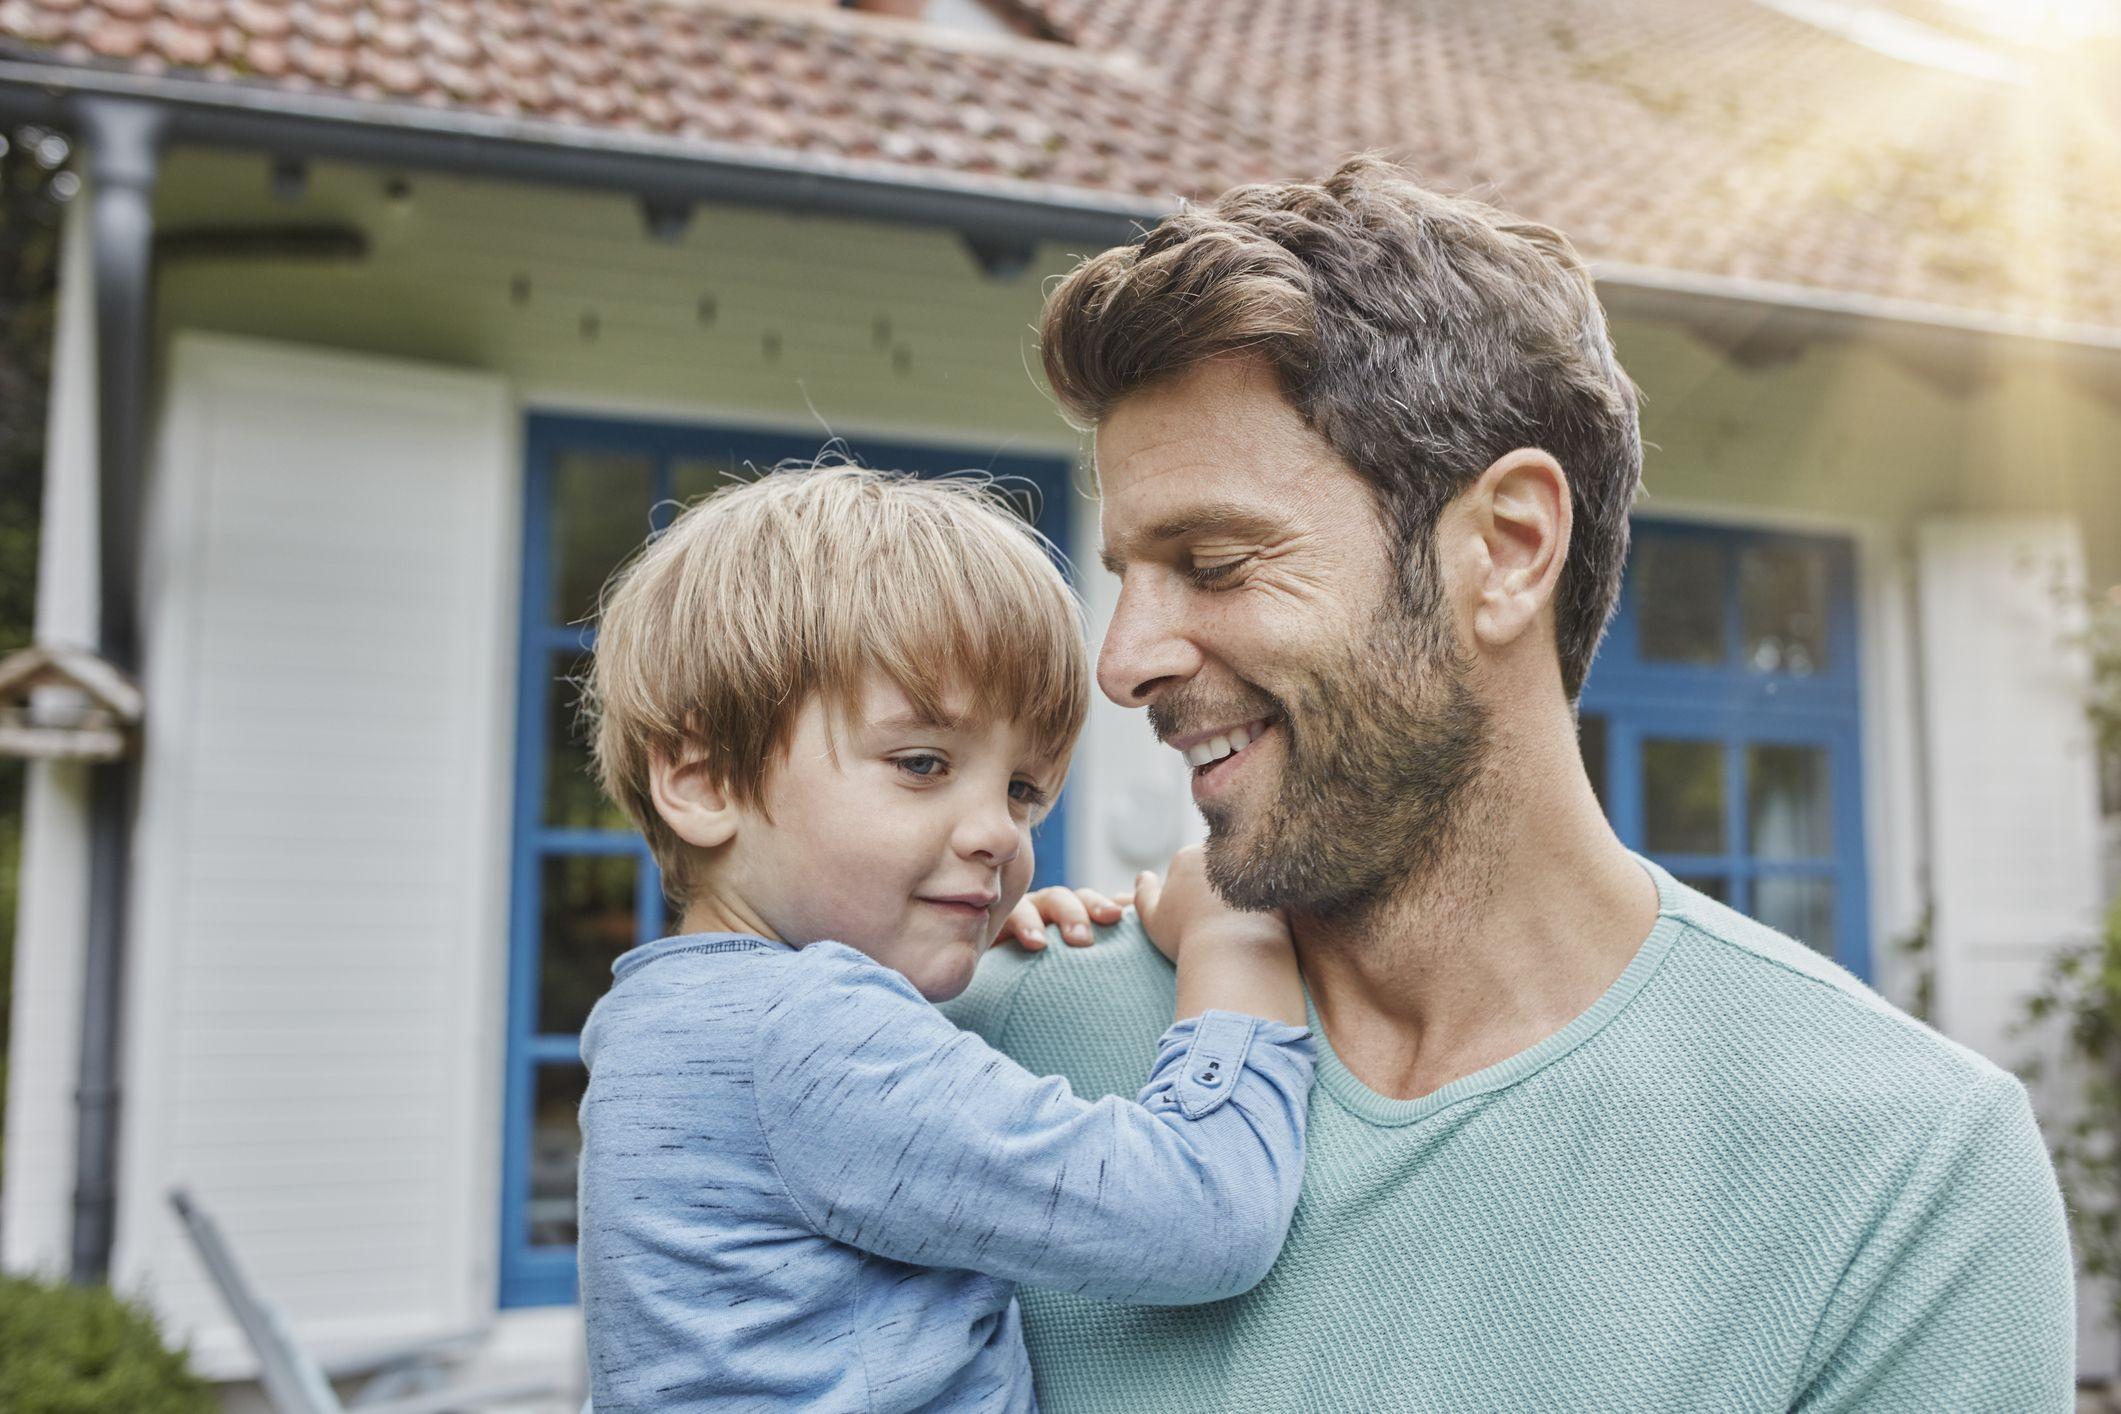 Hình ảnh người cha bế con, nhìn con cười